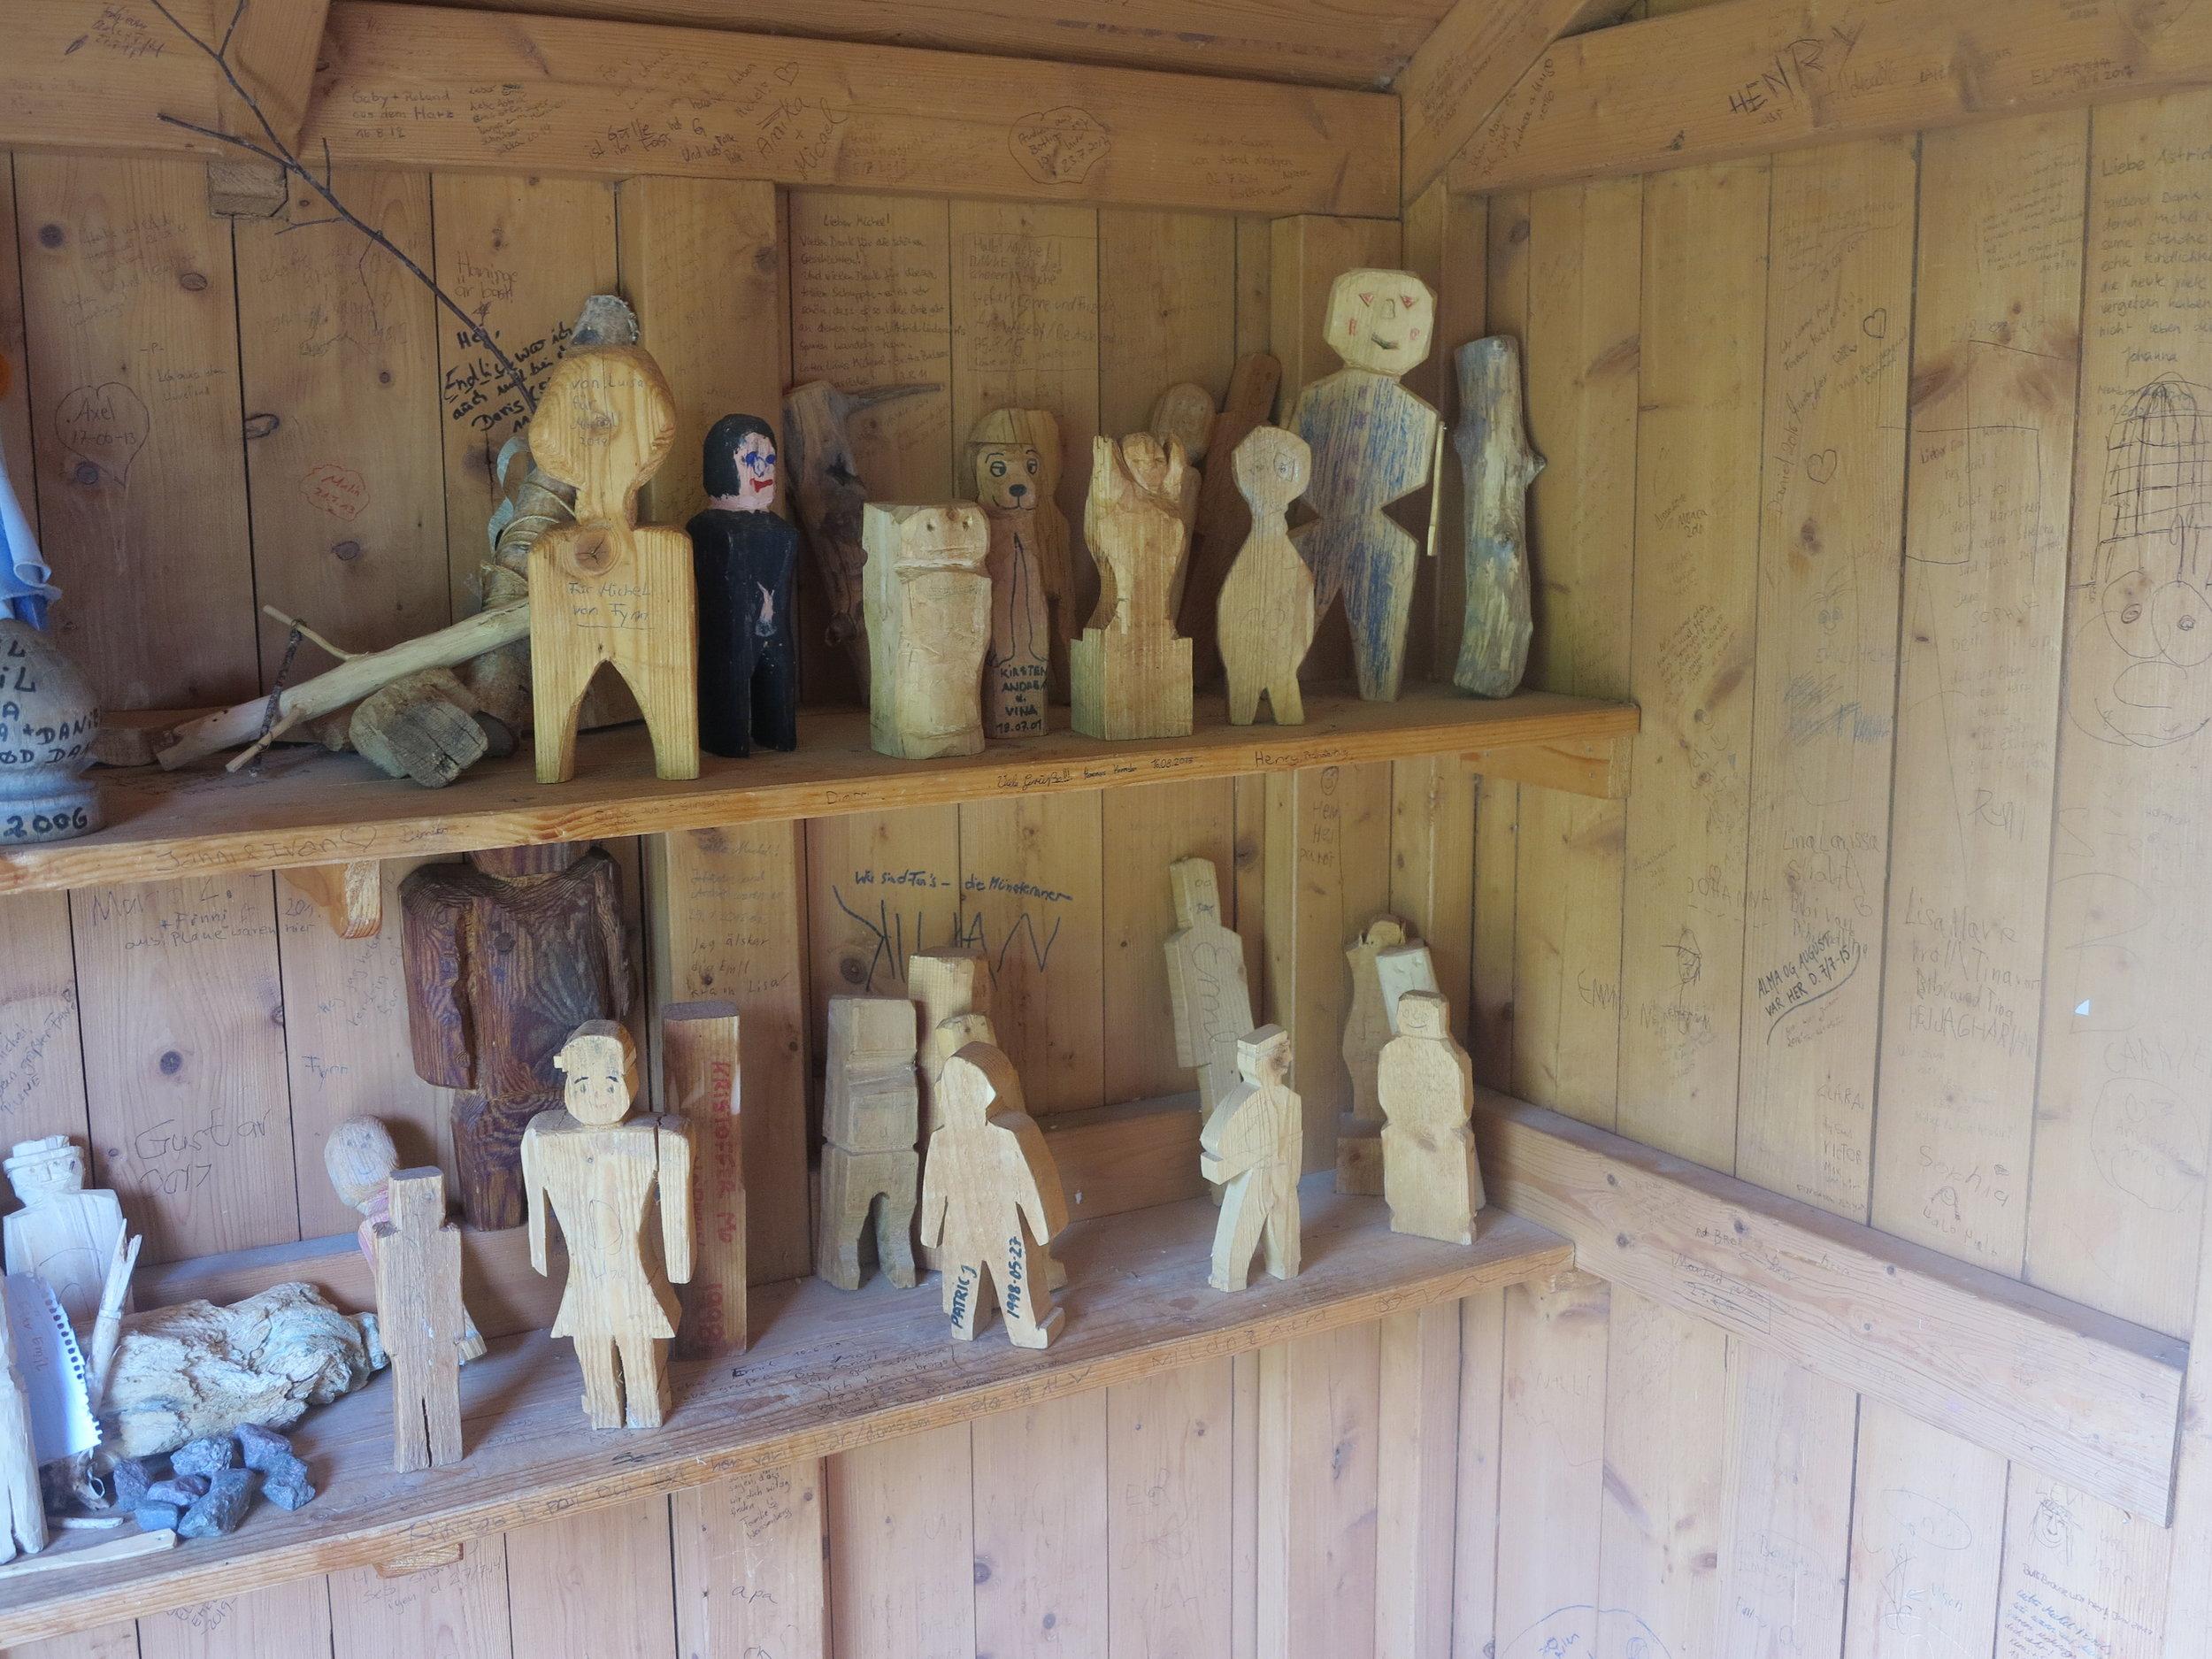 So viele Männchen musste der Michel schnitzen. Wer nach Lönneberga fährt, kommt gleich am Ortseingang an der kleinen Scheune vorbei, in der Männchen …